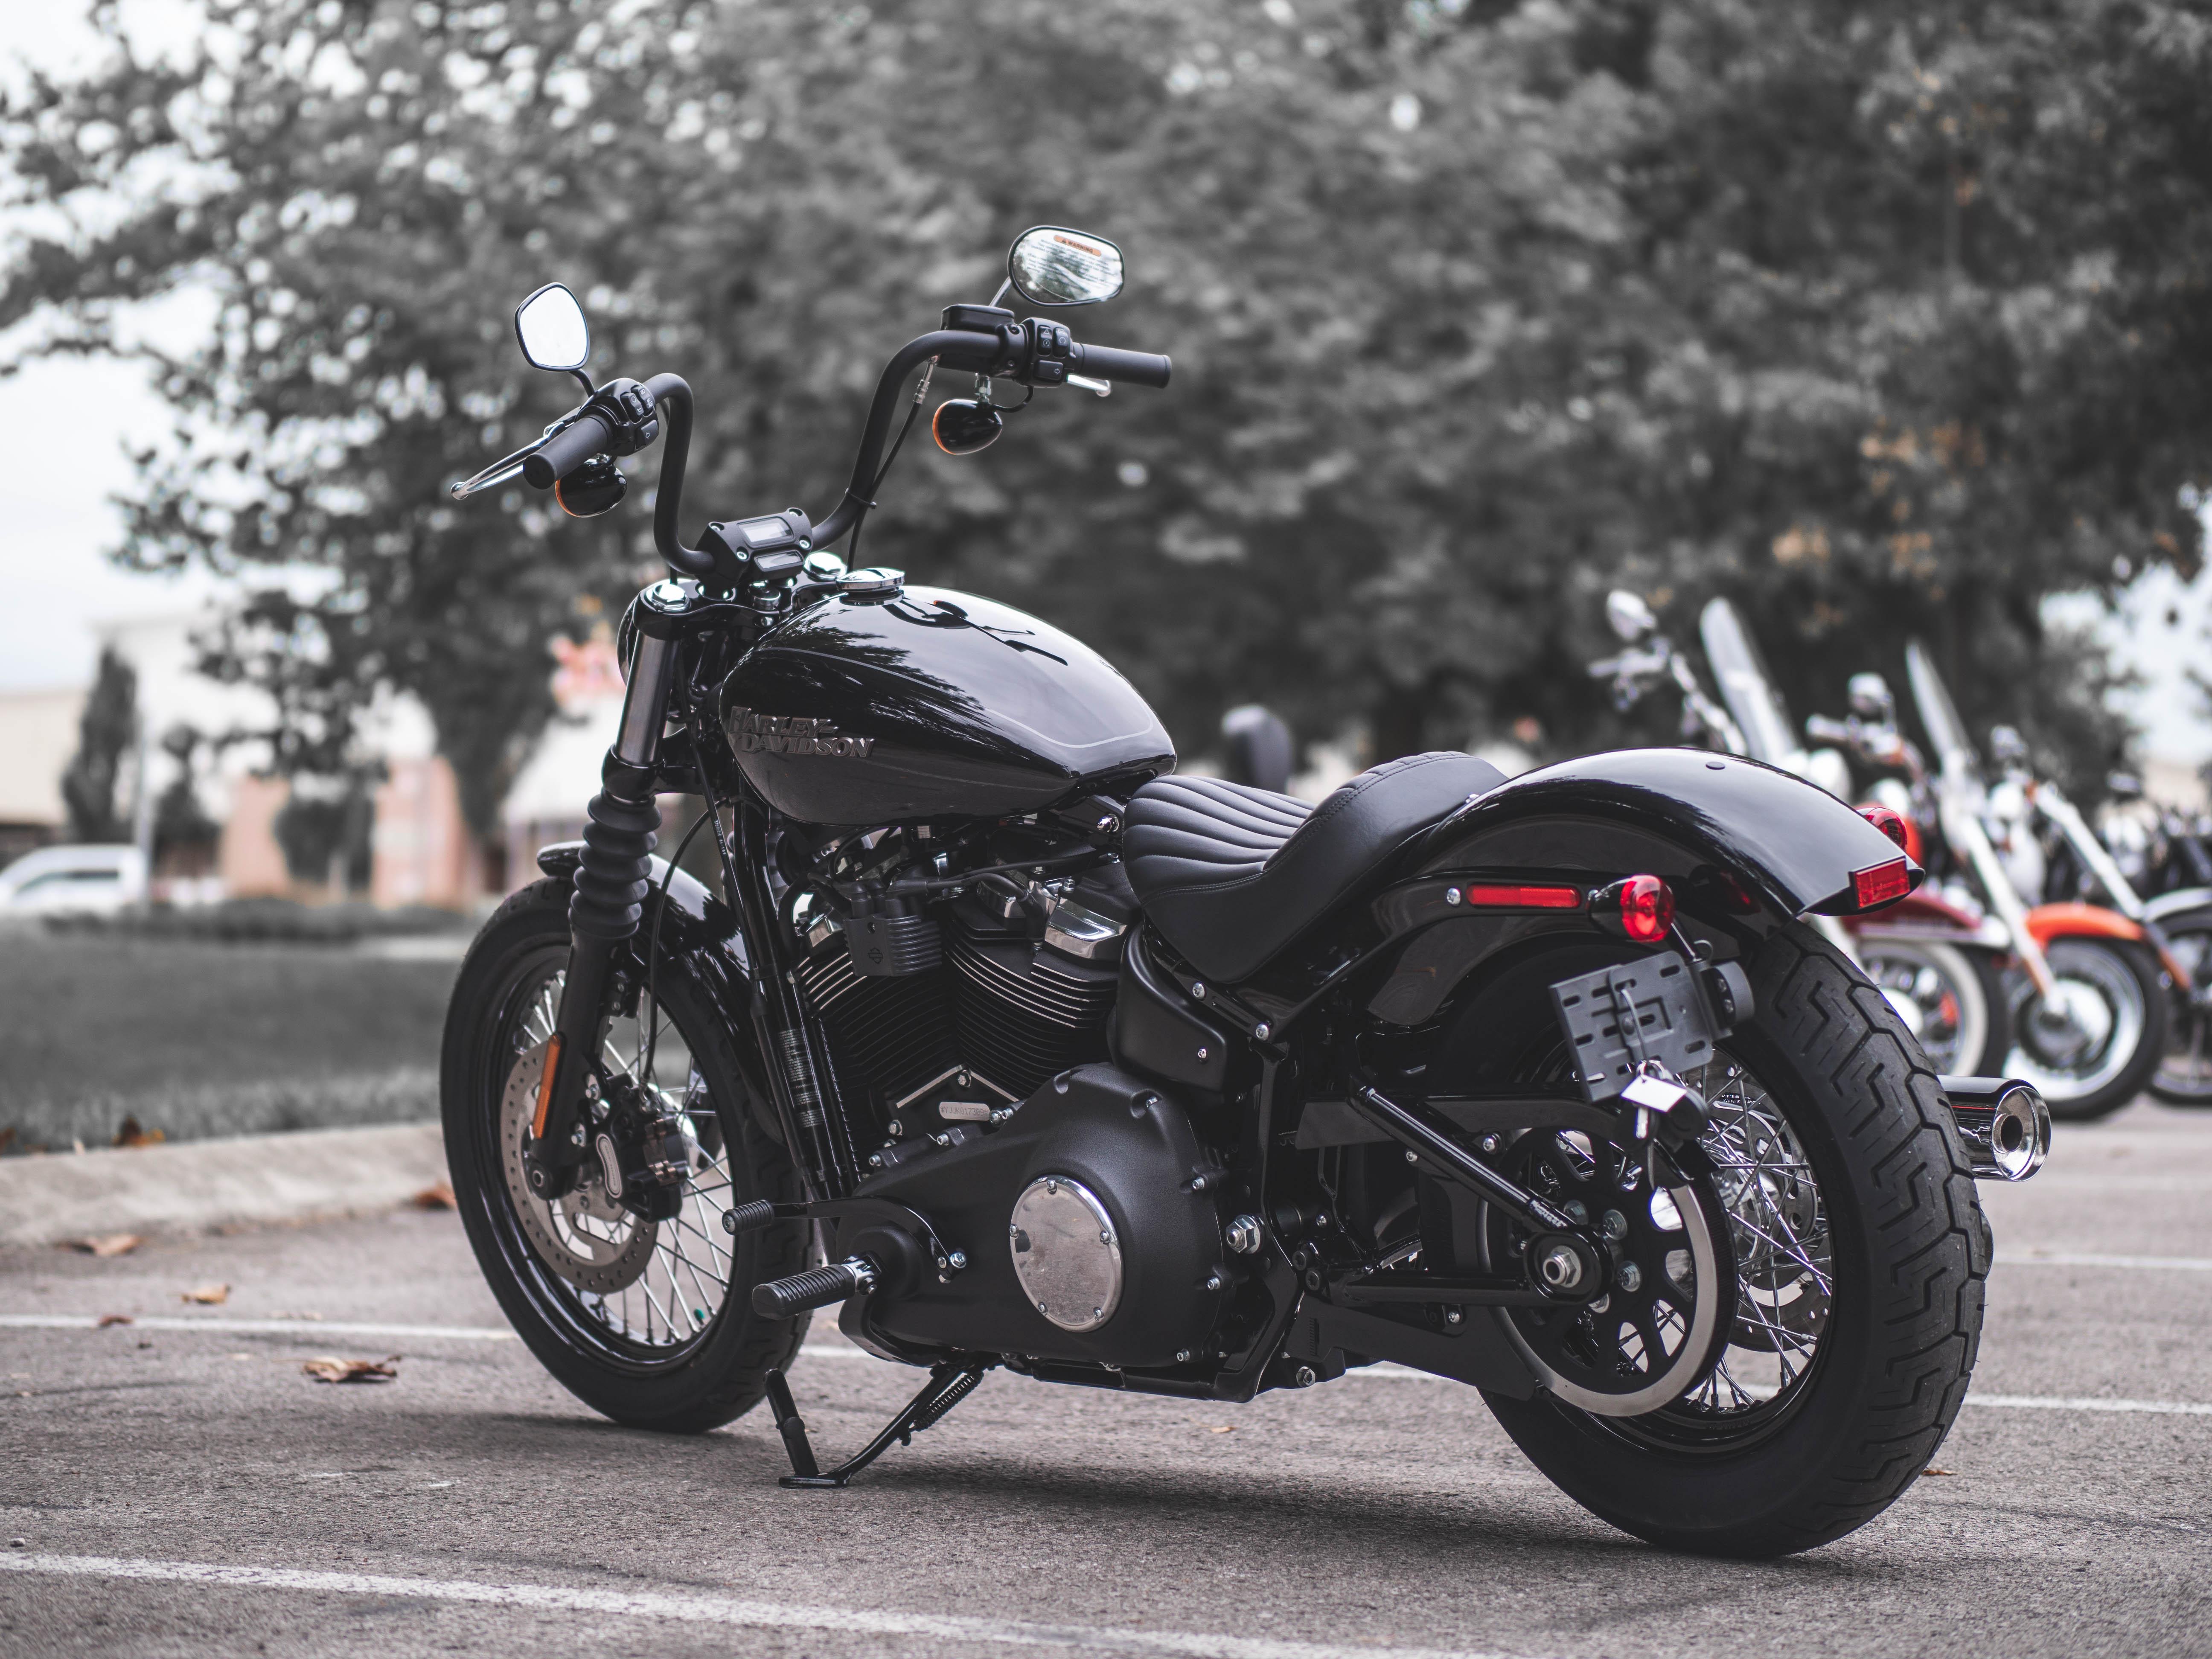 New 2019 Harley-Davidson Street Bob in Franklin #T068169 ...